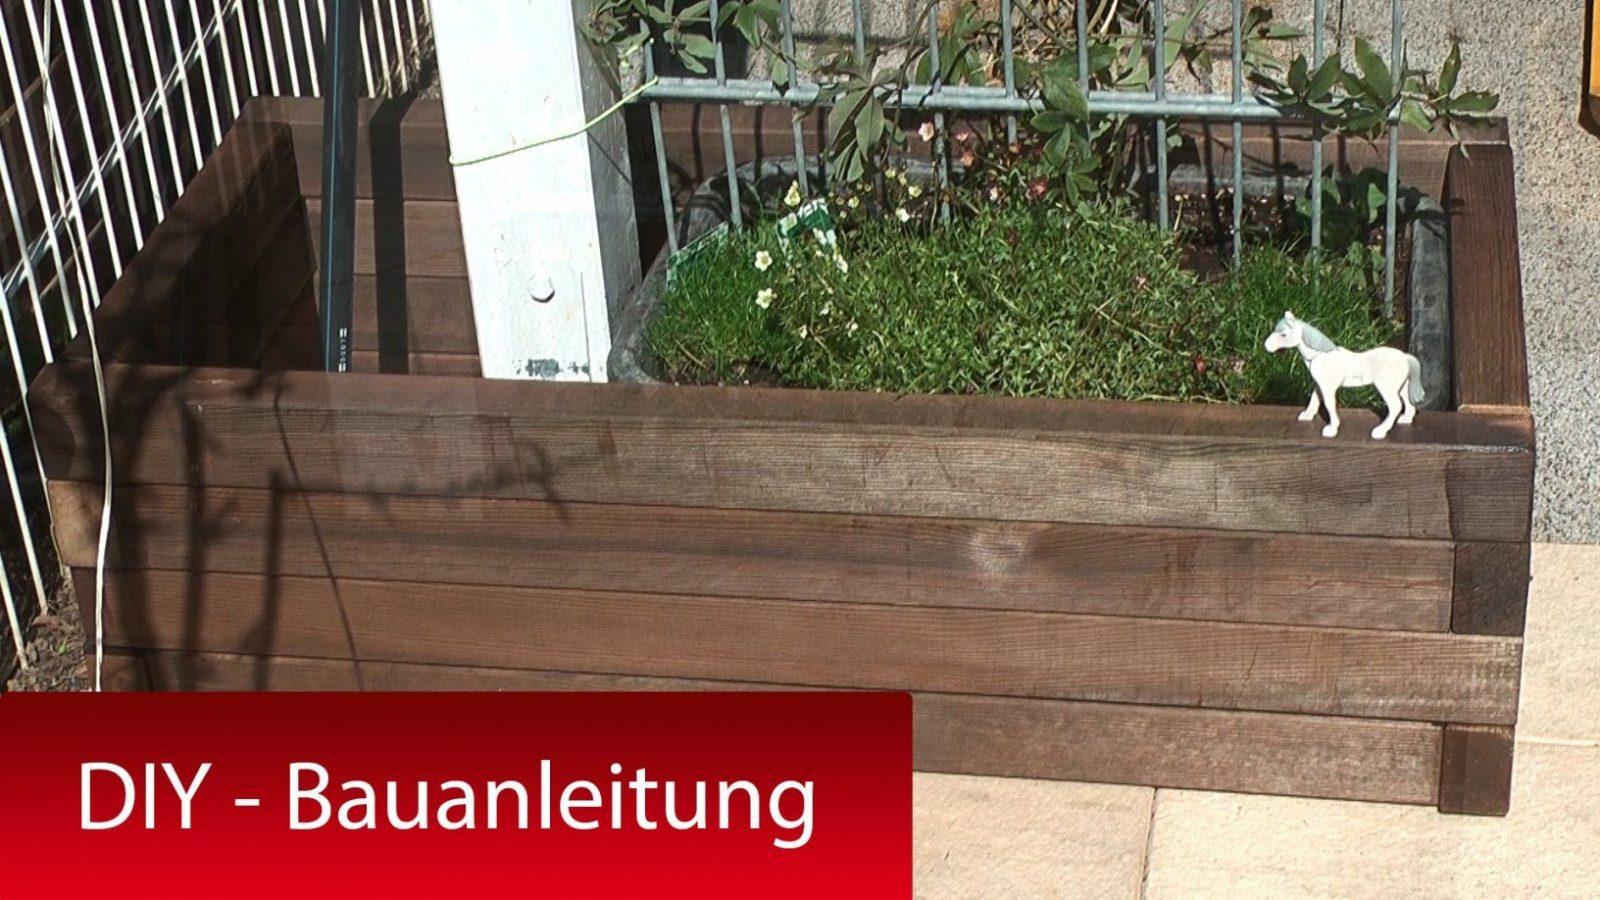 Pflanzkasten Pflanzkübel Mit Rankhilfe Selber Bauen  Diy Tutorial von Blumenkübel Selber Bauen Anleitung Bild